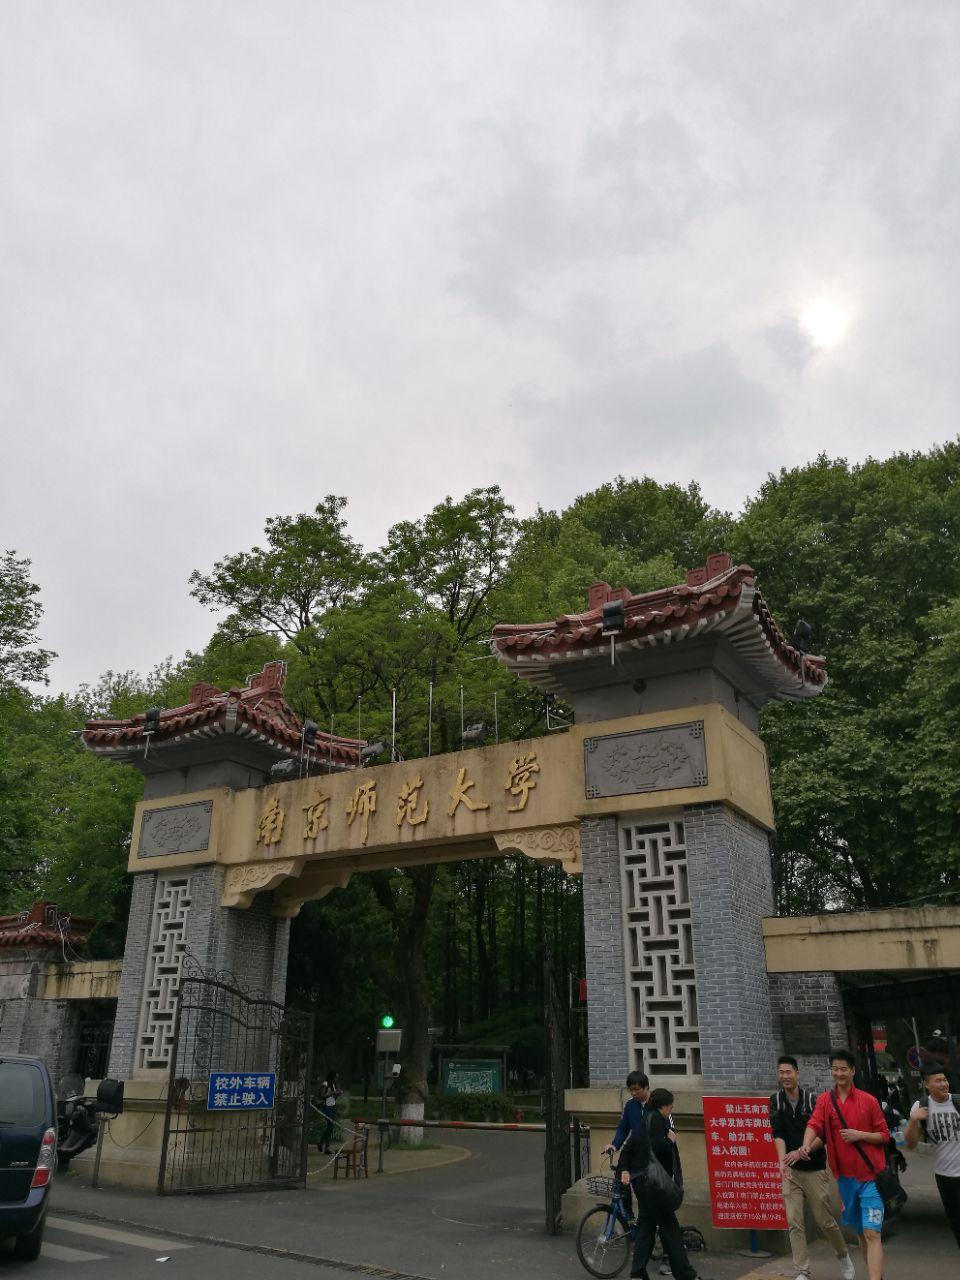 南京师范大学旅游景点攻攻略超神太阳神全民略图图片